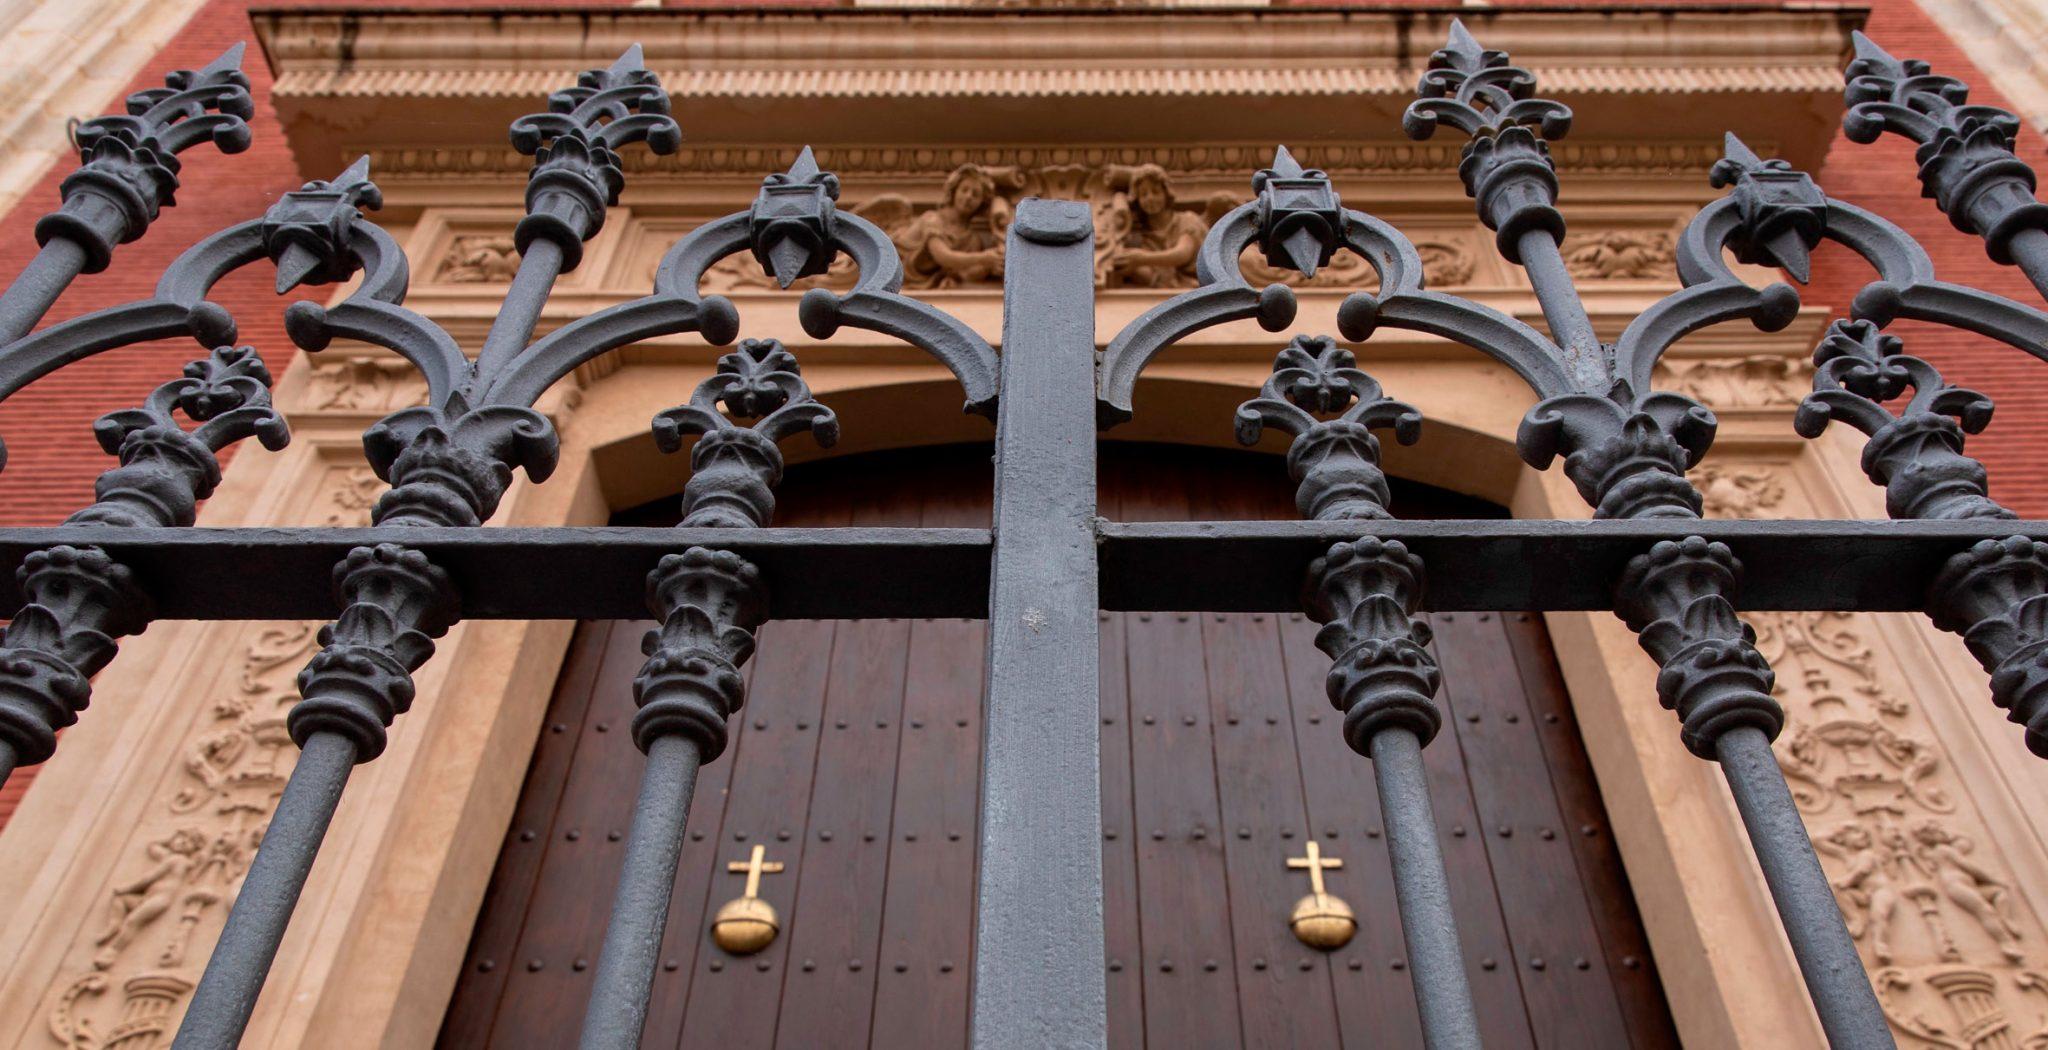 Iglesia Cerrada por coronavirus